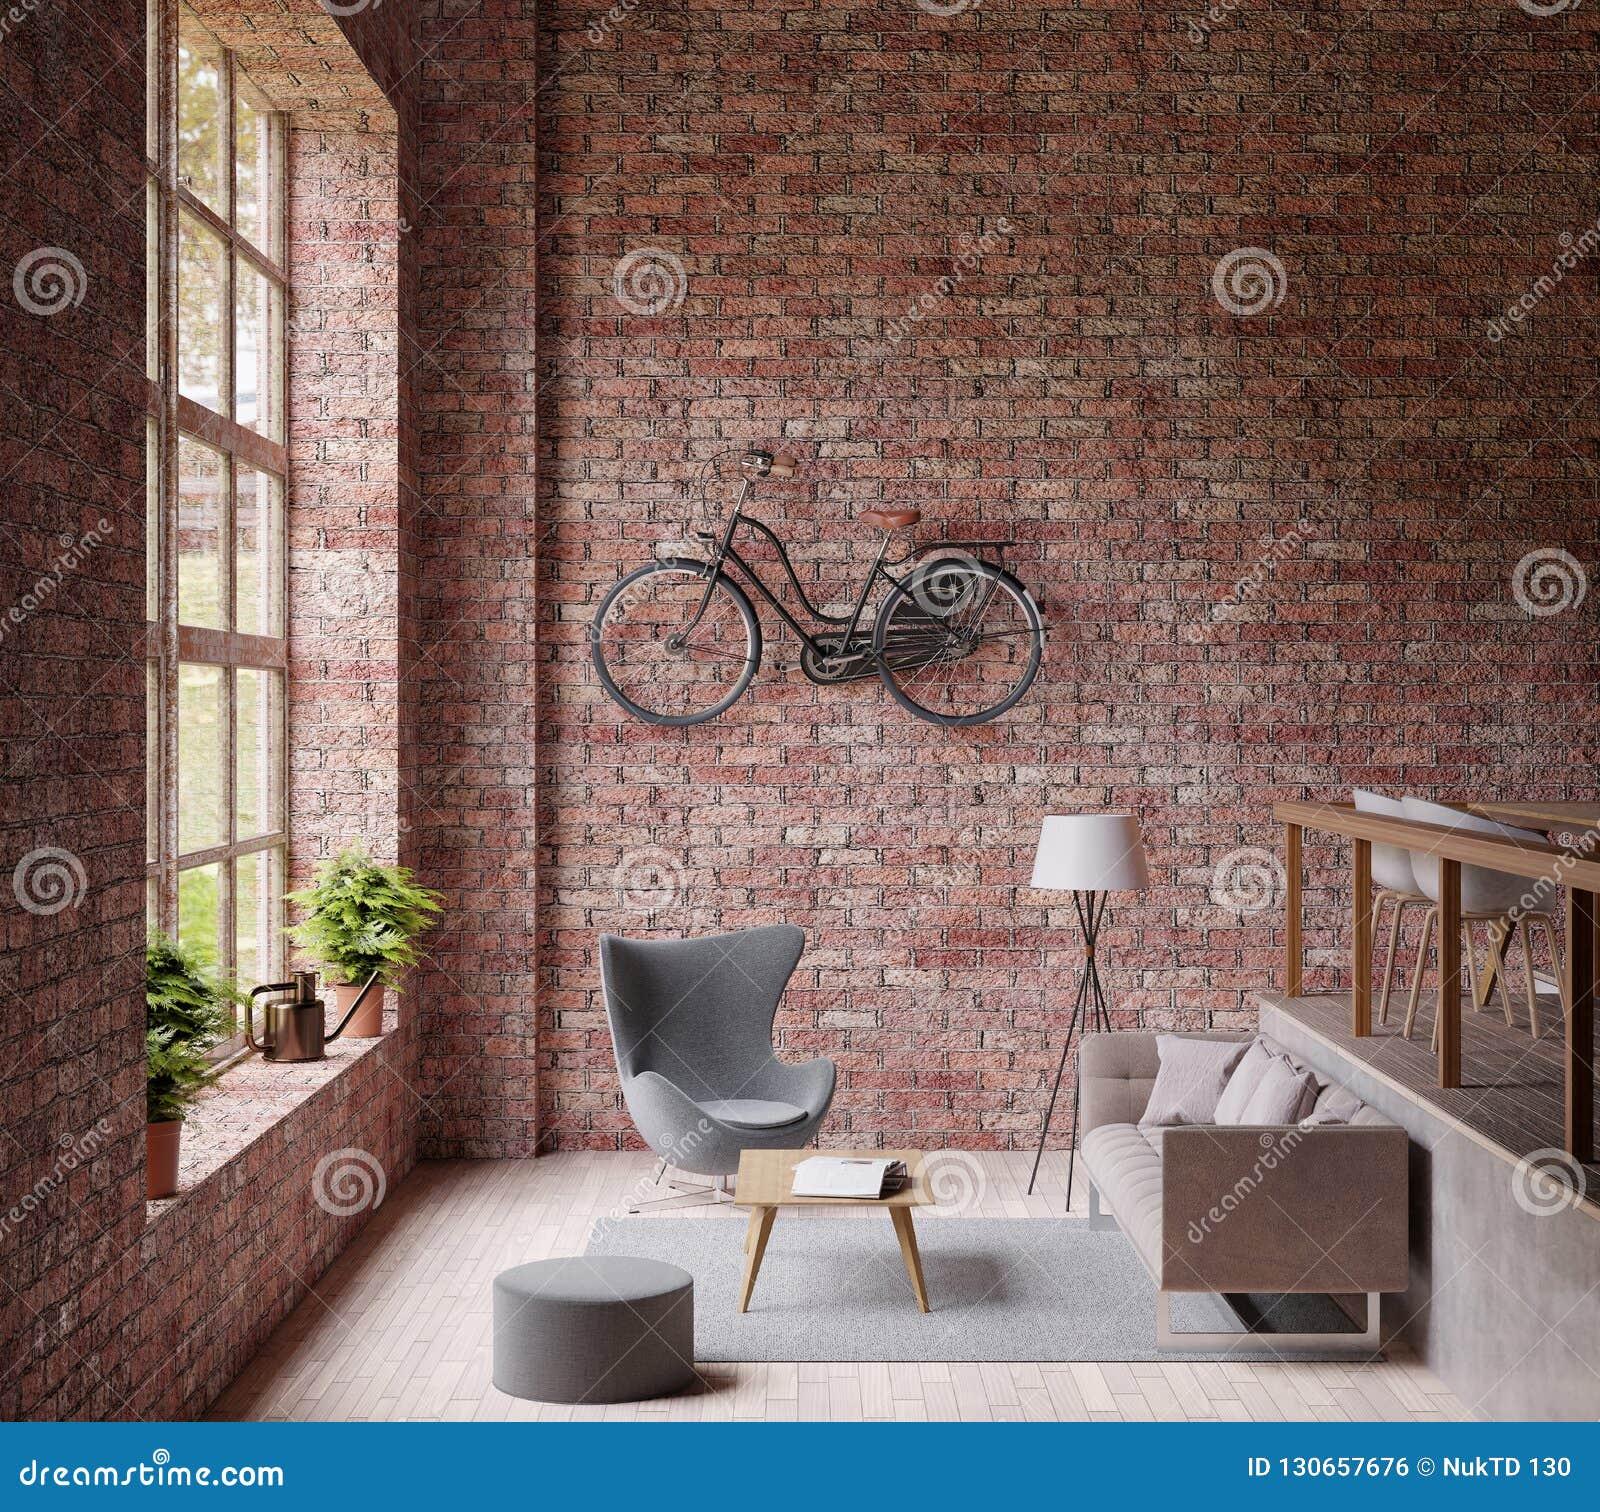 3D, das Industrail-Artwohnzimmer, großes Fenster, graue Couch der Lampe und Stuhl, Bretterboden, Fahrrad auf der Wand des roten B